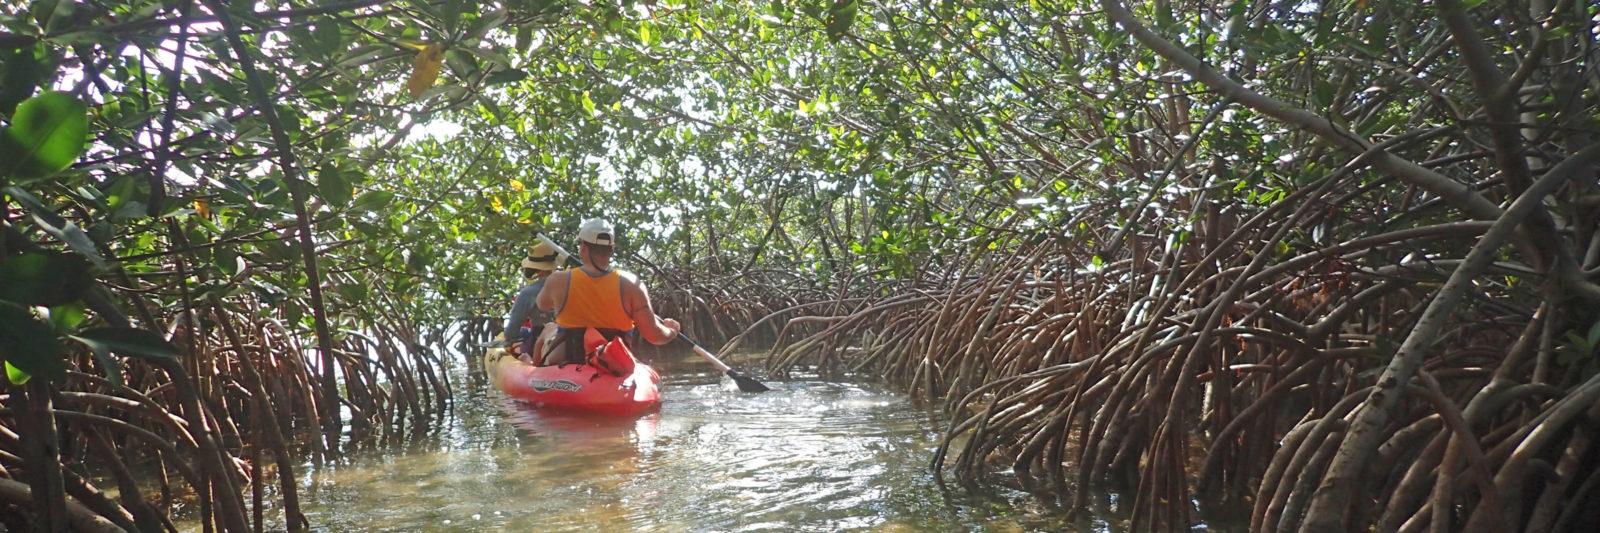 Key West Ecotours